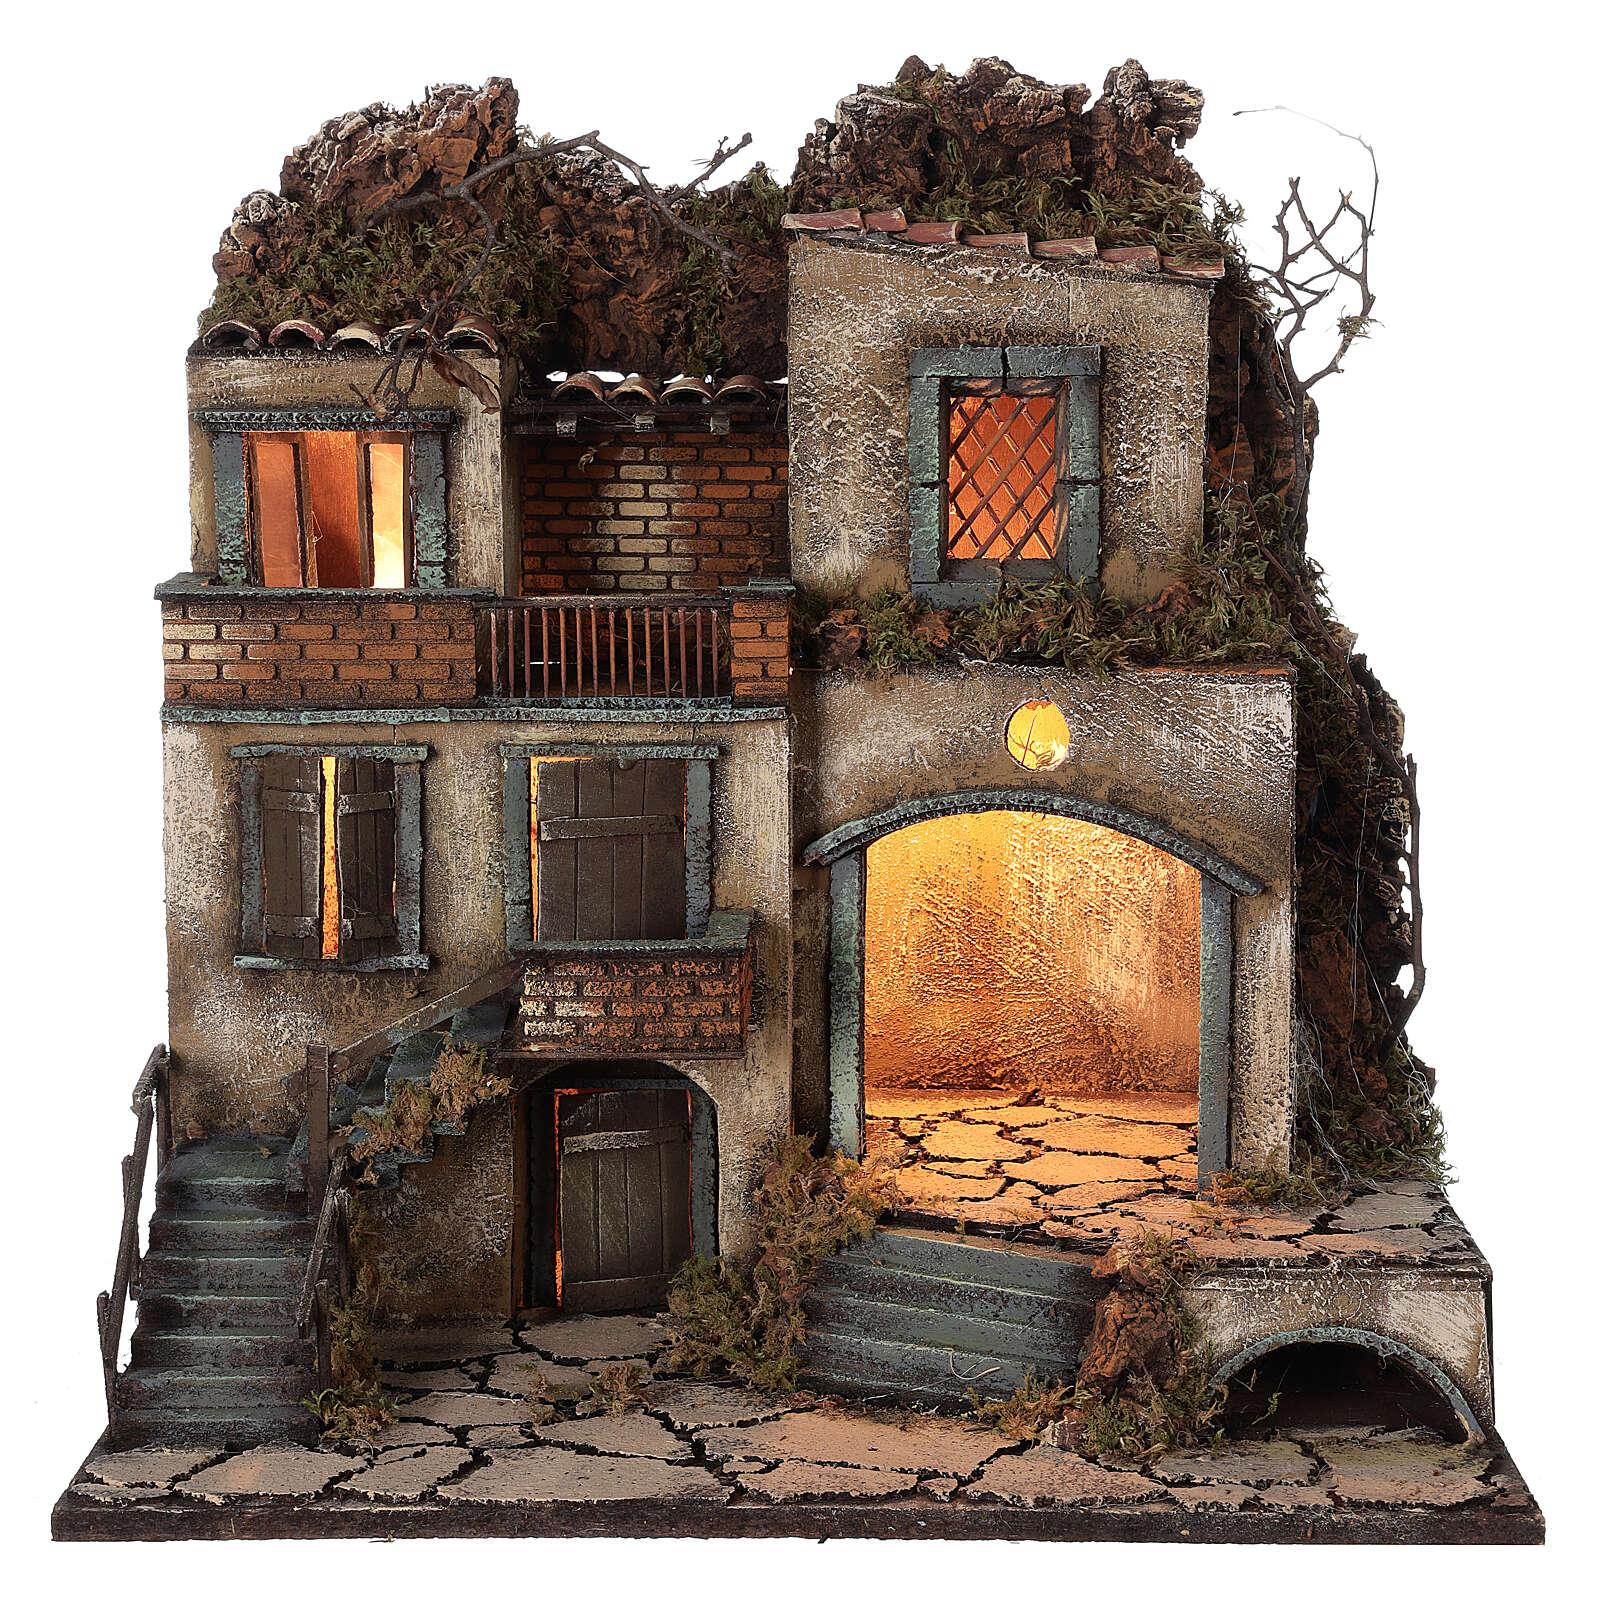 Presepe napoletano borgo illuminato 50x50x40 cm per statue 8-10 cm 4